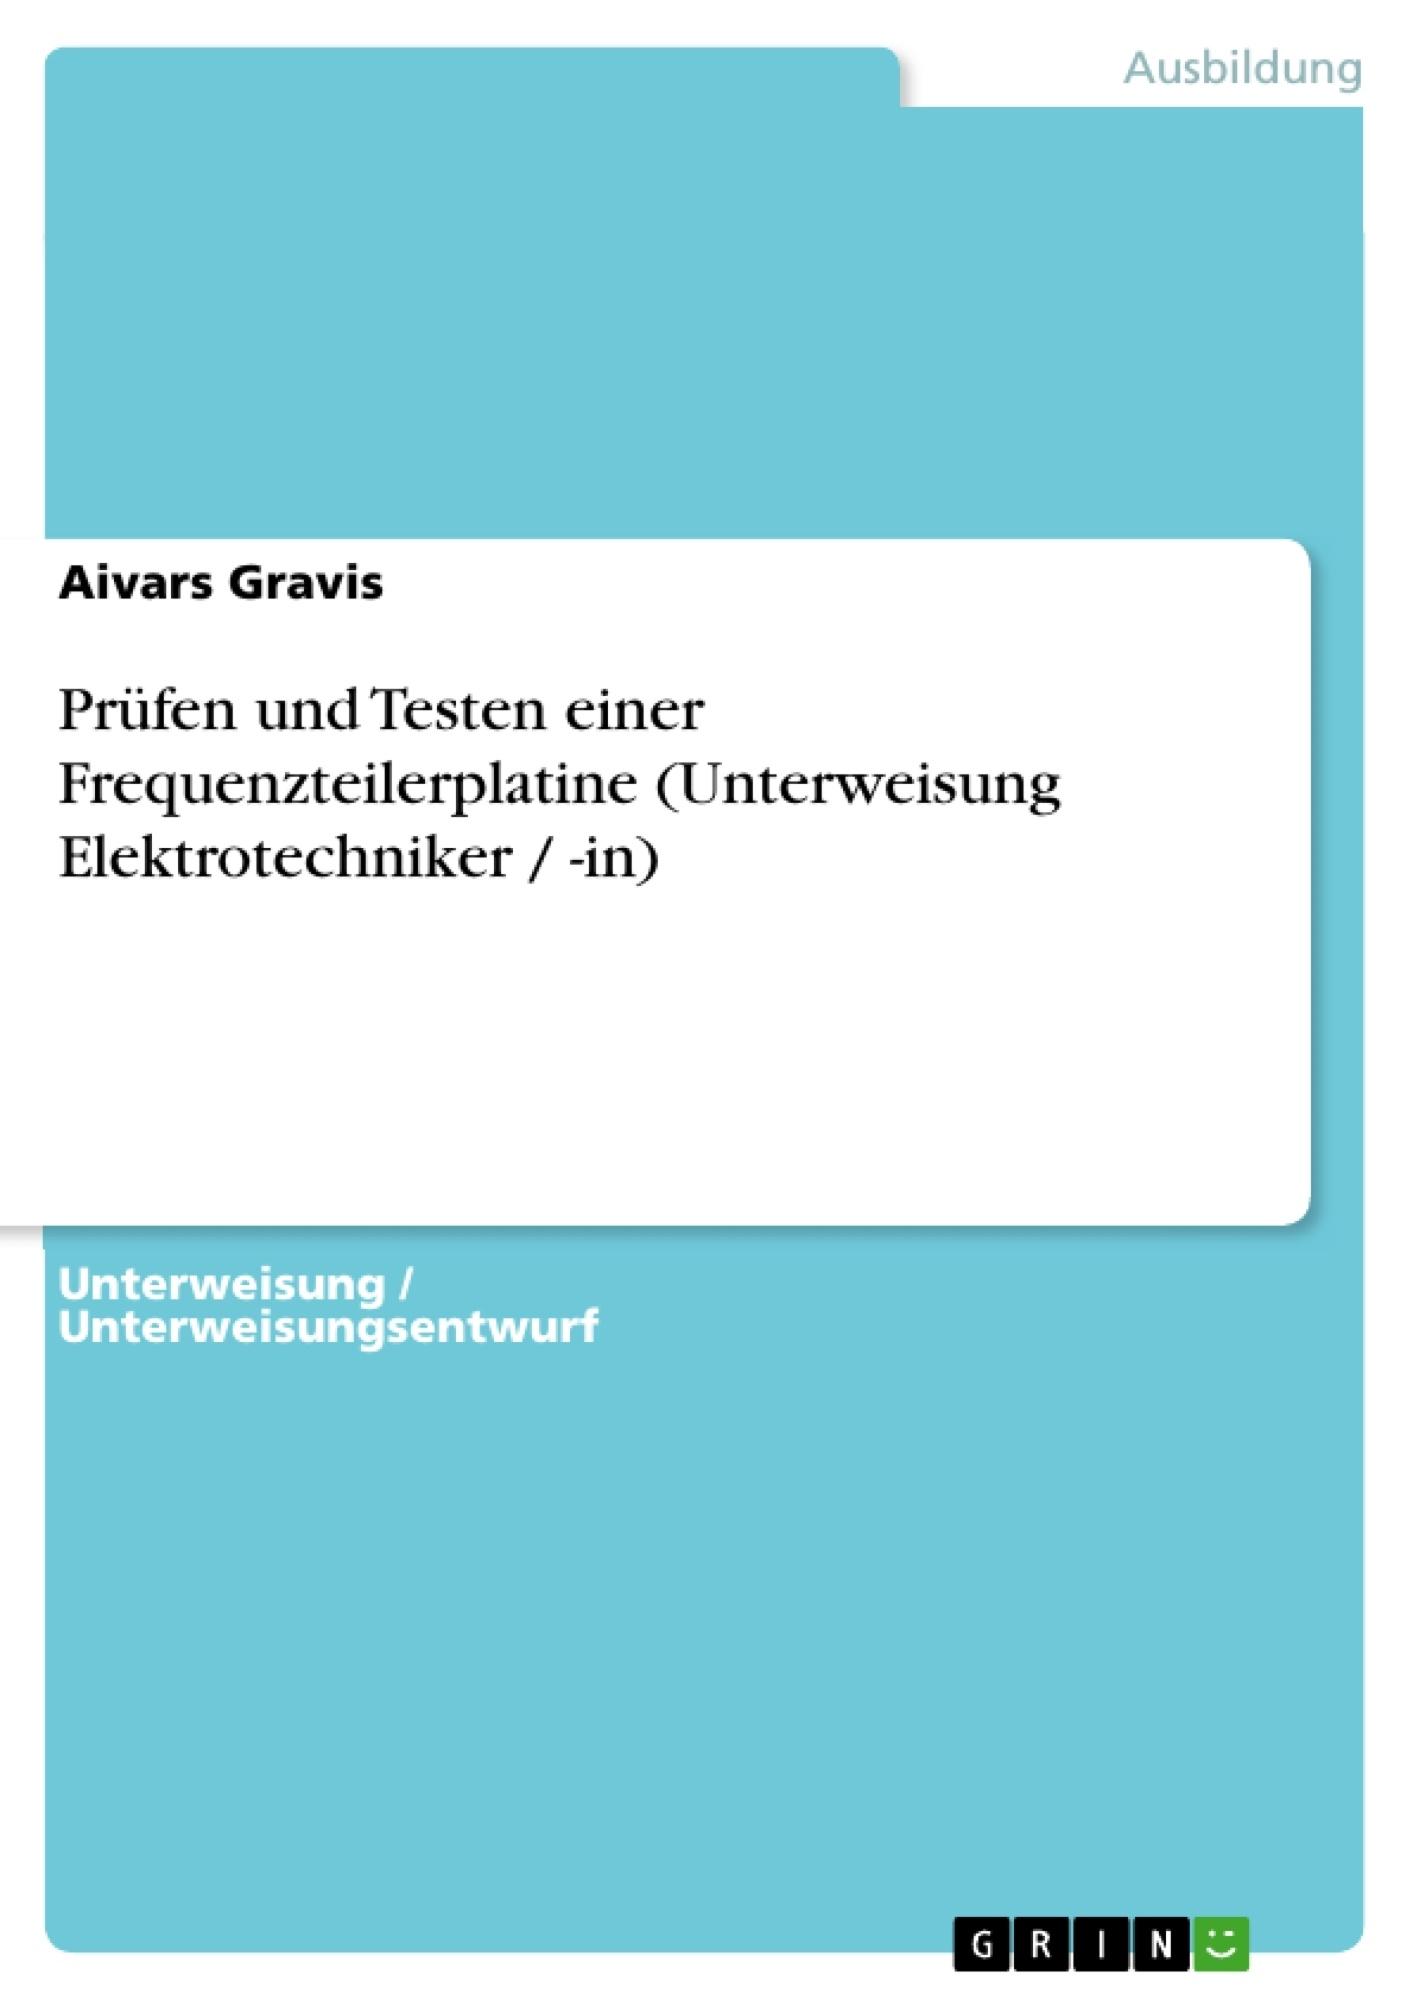 Titel: Prüfen und Testen einer Frequenzteilerplatine (Unterweisung Elektrotechniker / -in)